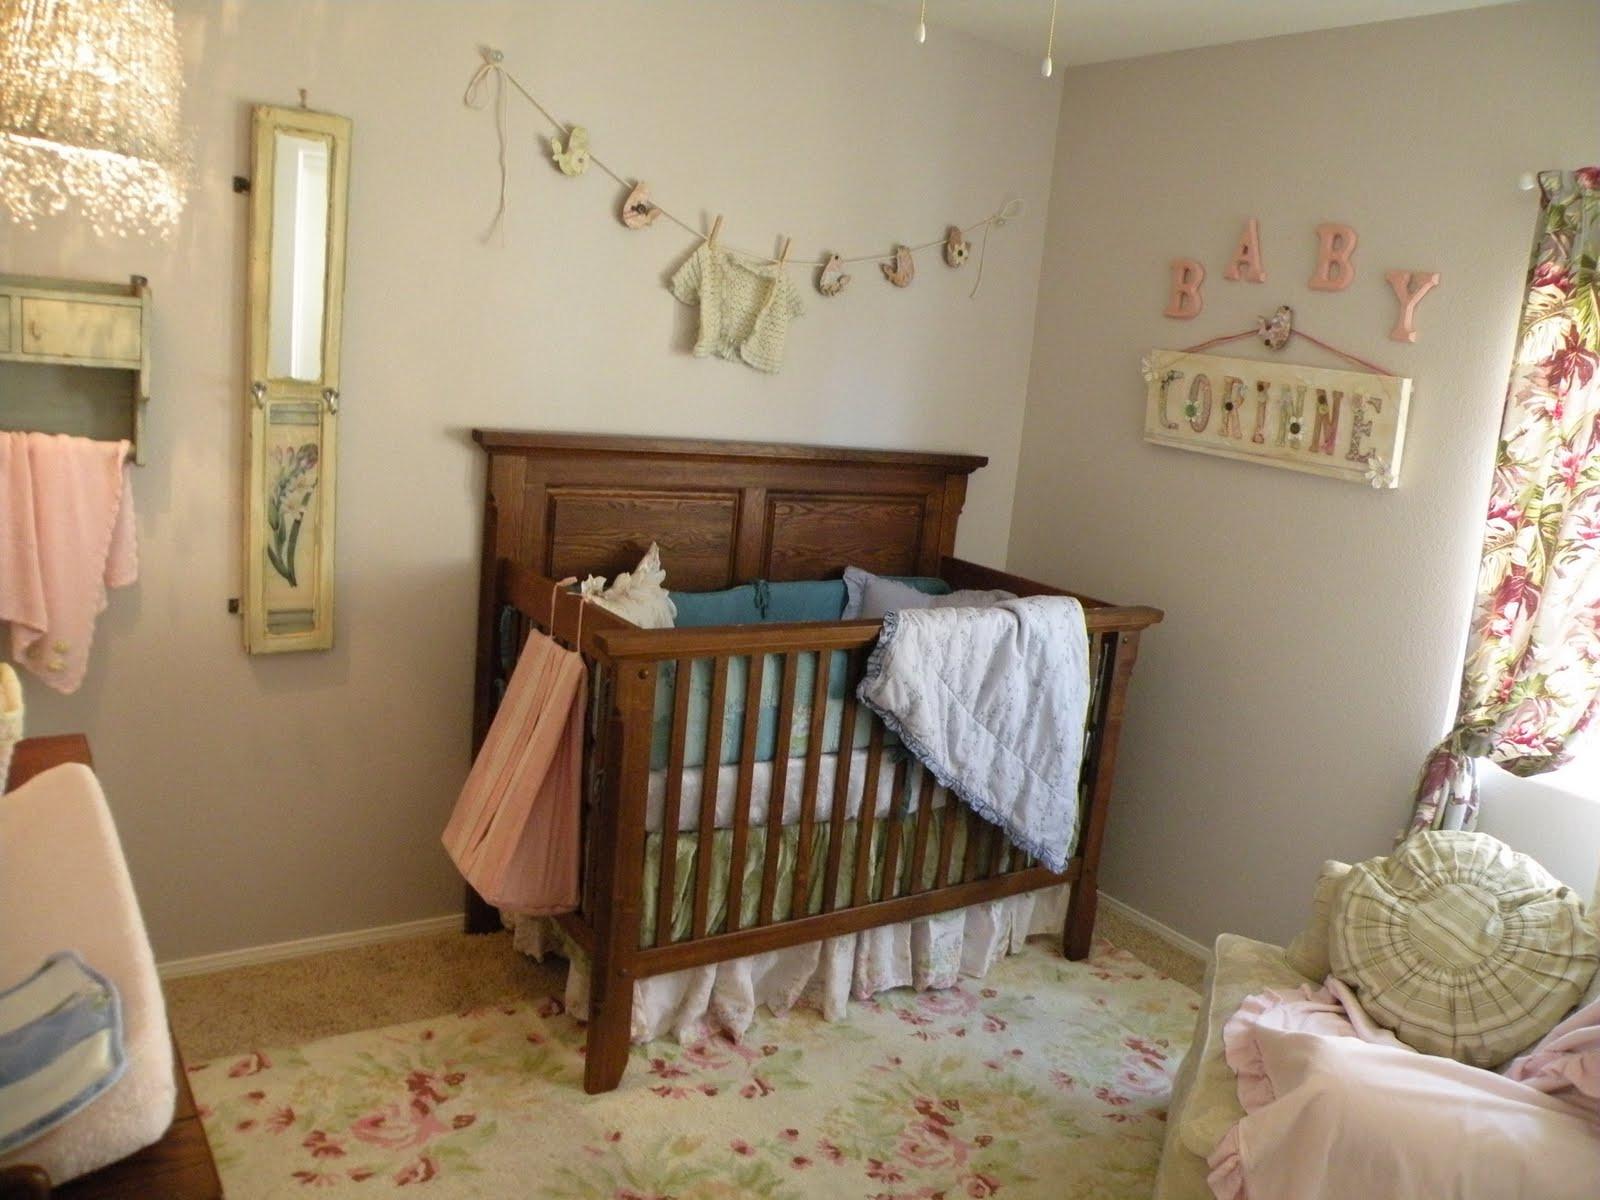 Vintage Baby Nursery Decor  Vintage Eclectic Girl s Baby Nursery Design Dazzle